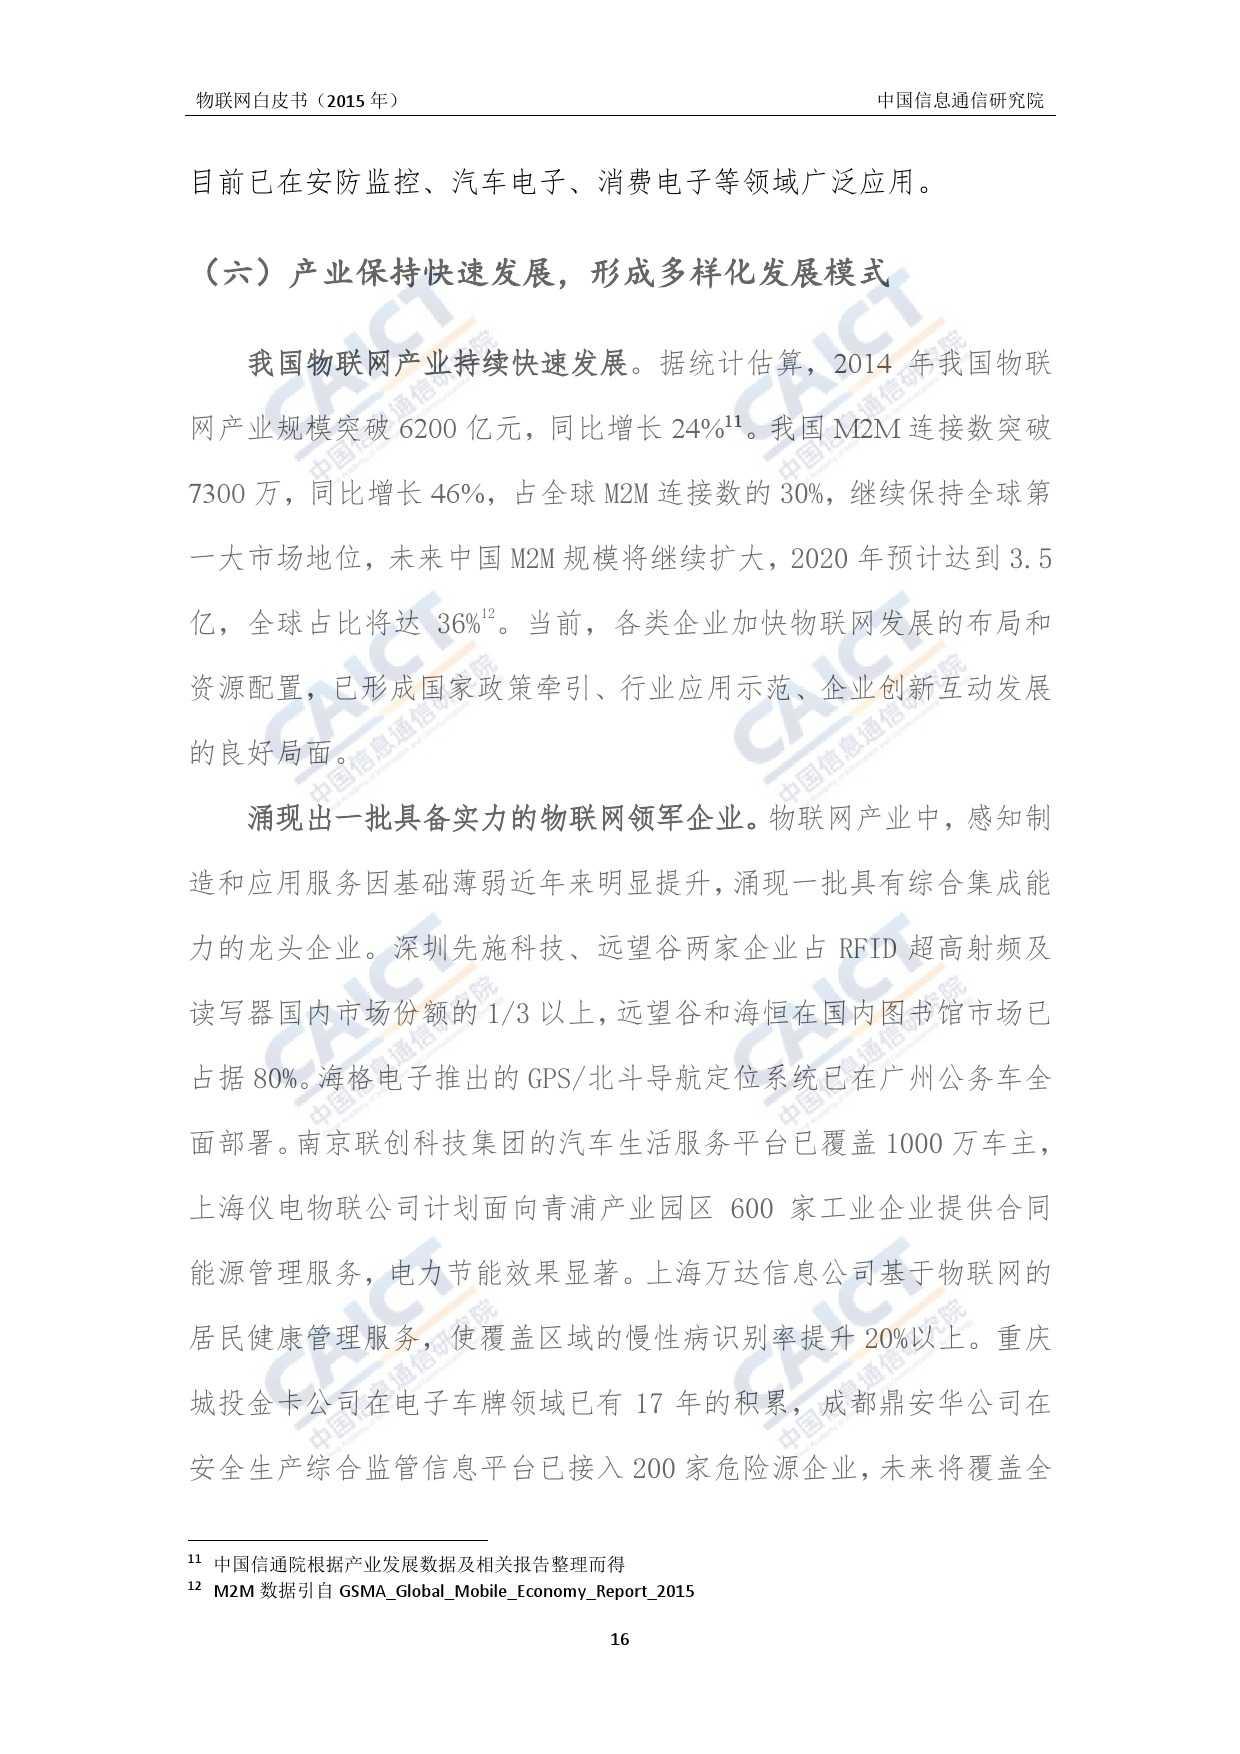 中国信息通信研究院:2015年物联网白皮书_000020